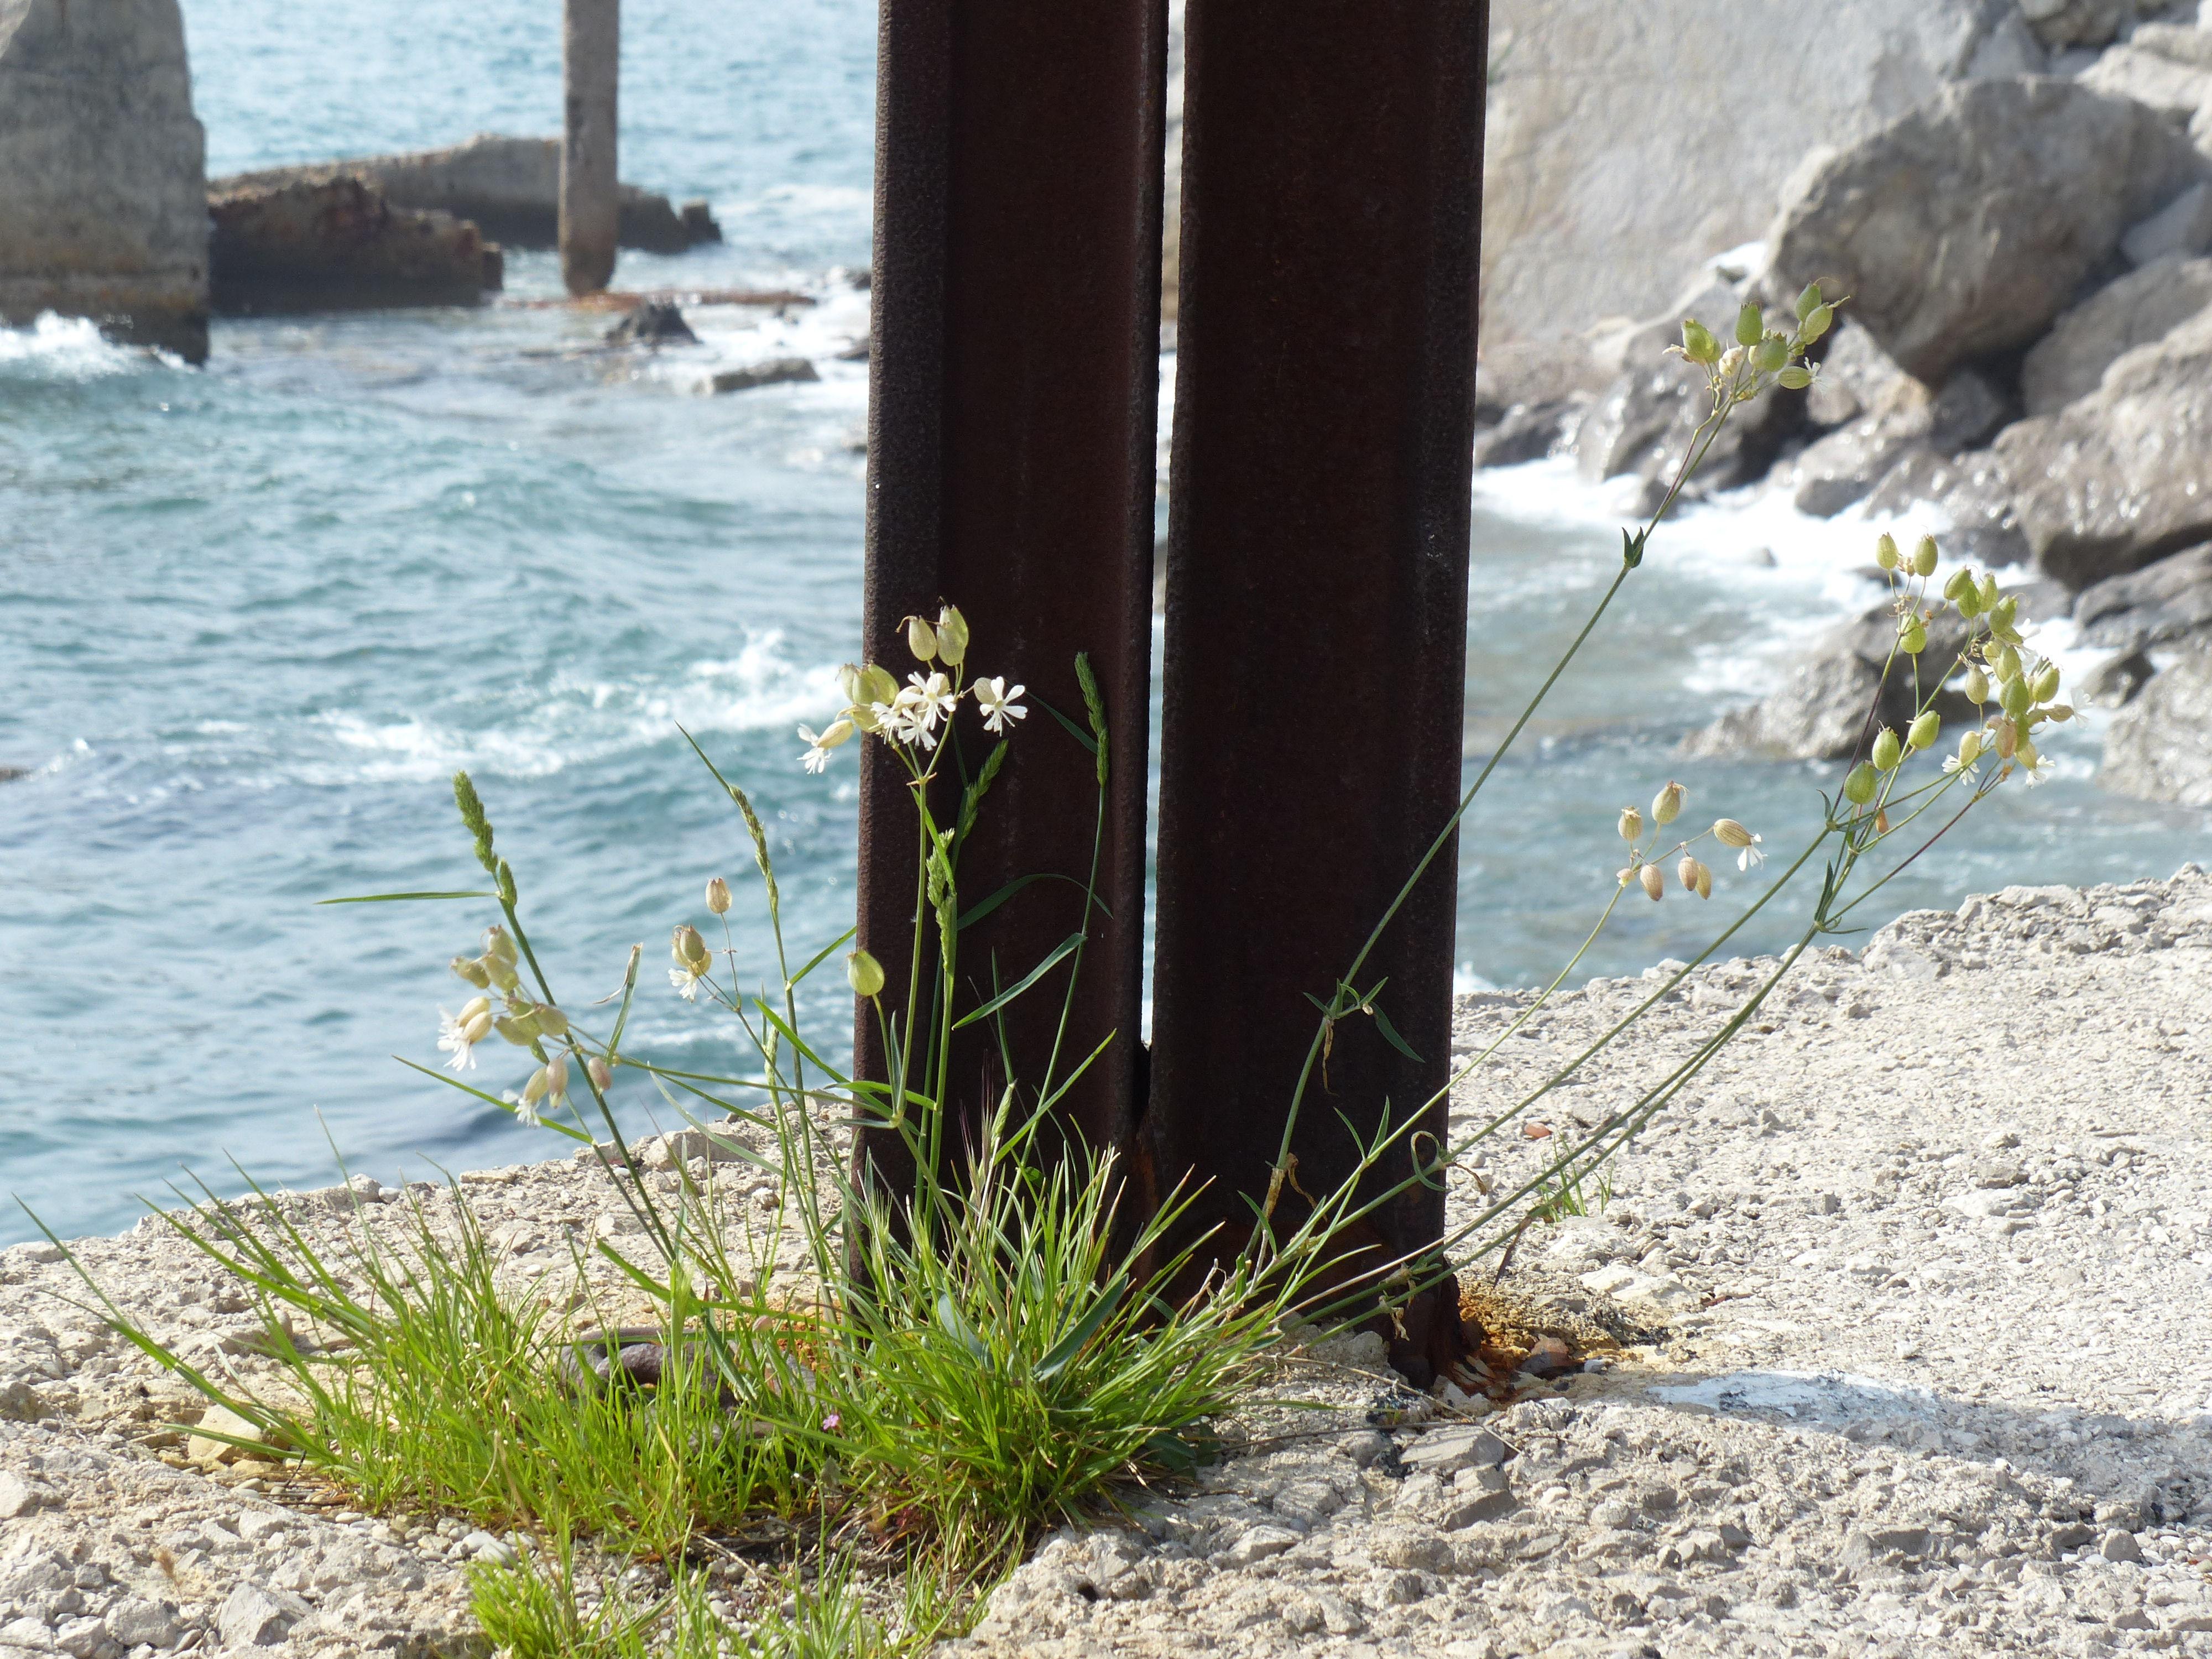 © Dipartimento di Scienze della Vita, Università di Trieste<br>by Andrea Moro<br>Comune di Duino-Aurisina / Devin-Nabrežin, litorale, TS, Friuli Venezia Giulia, Italia, 25/04/2019<br>Distributed under CC-BY-SA 4.0 license.